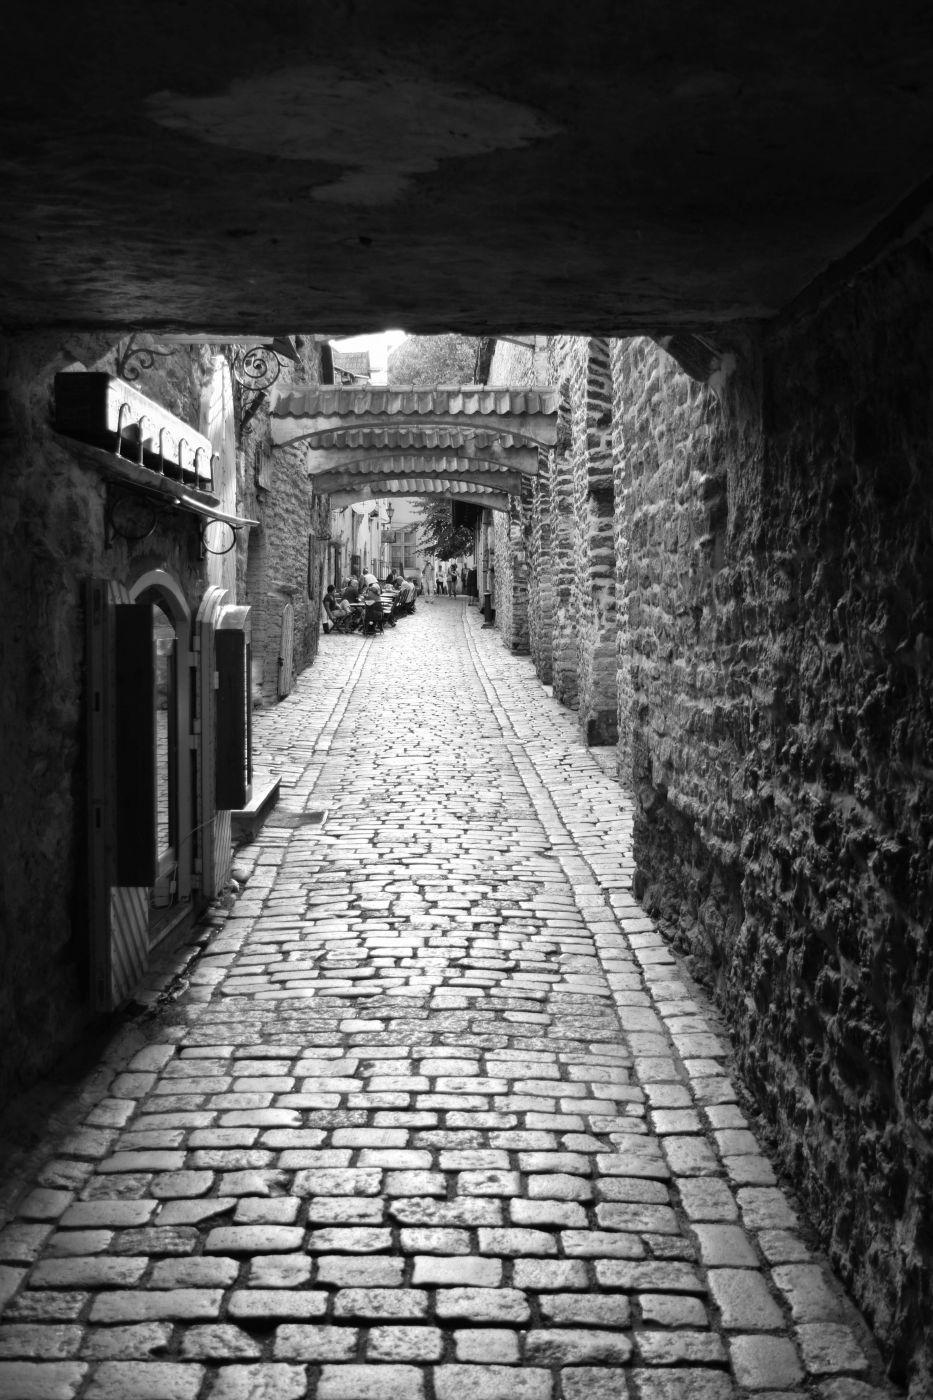 St Catherine's passage, old town of Tallinn, Estonia